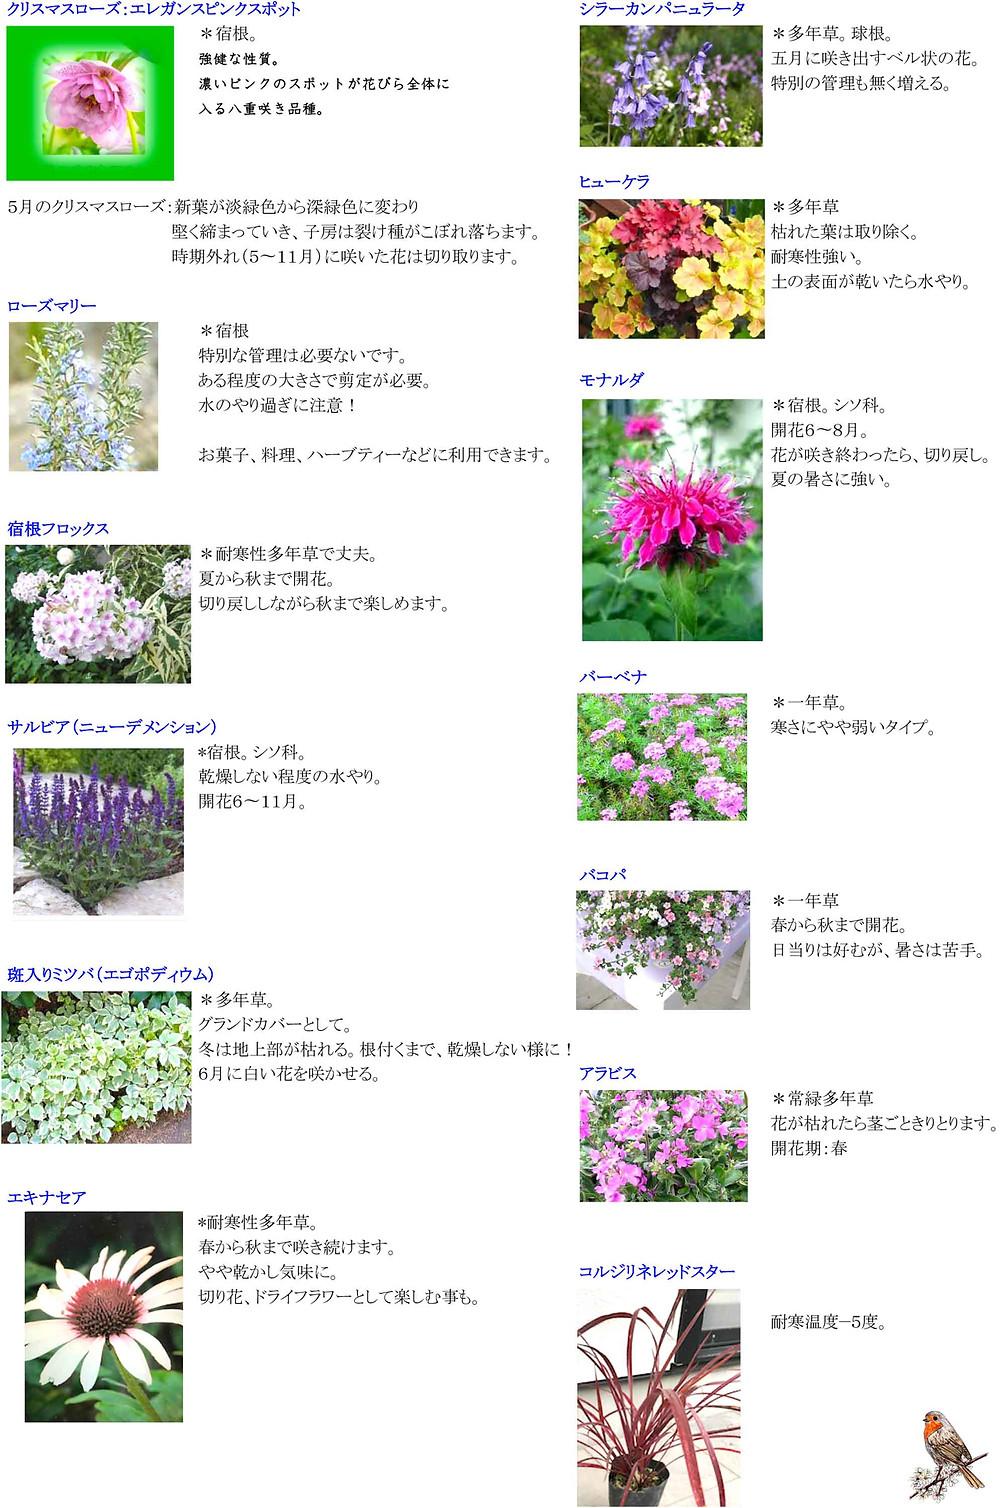 花壇の植物一覧